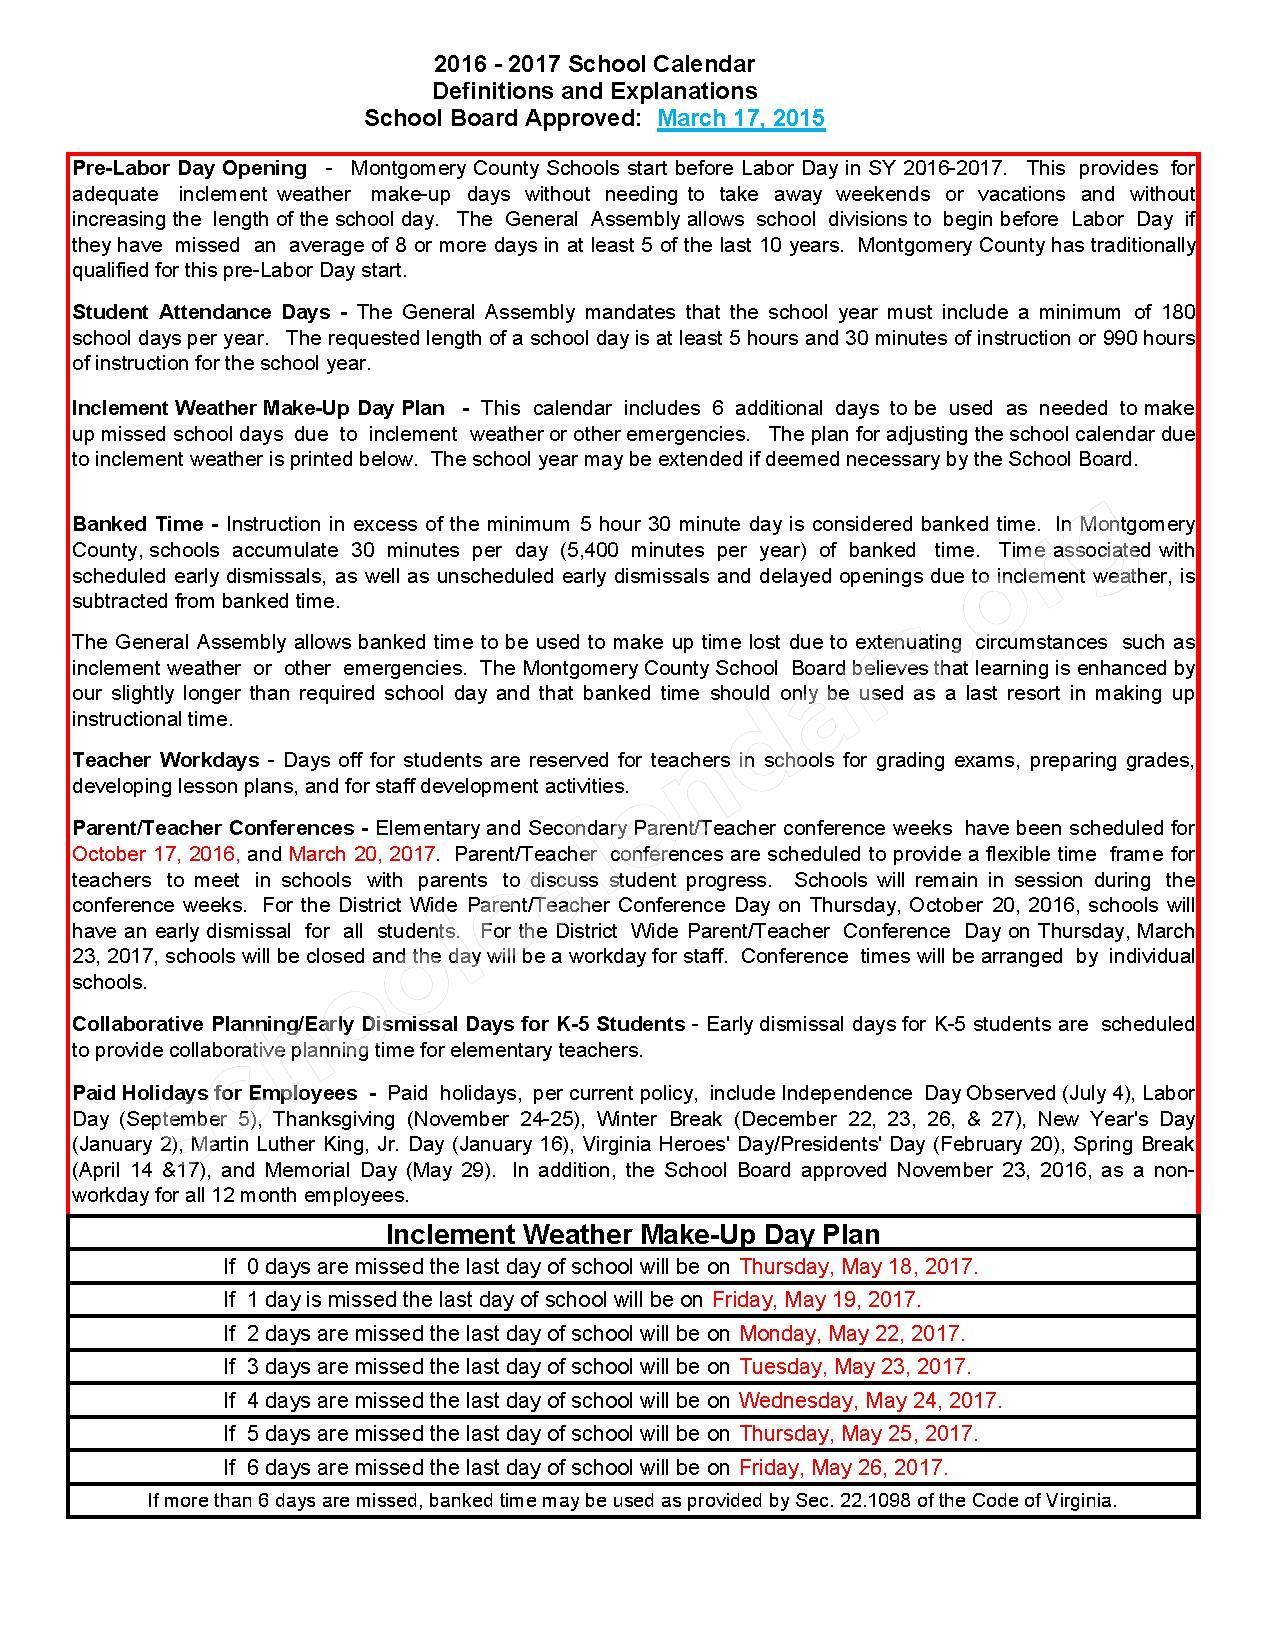 2016 - 2017 School Calendar – Montgomery County Public Schools – page 2